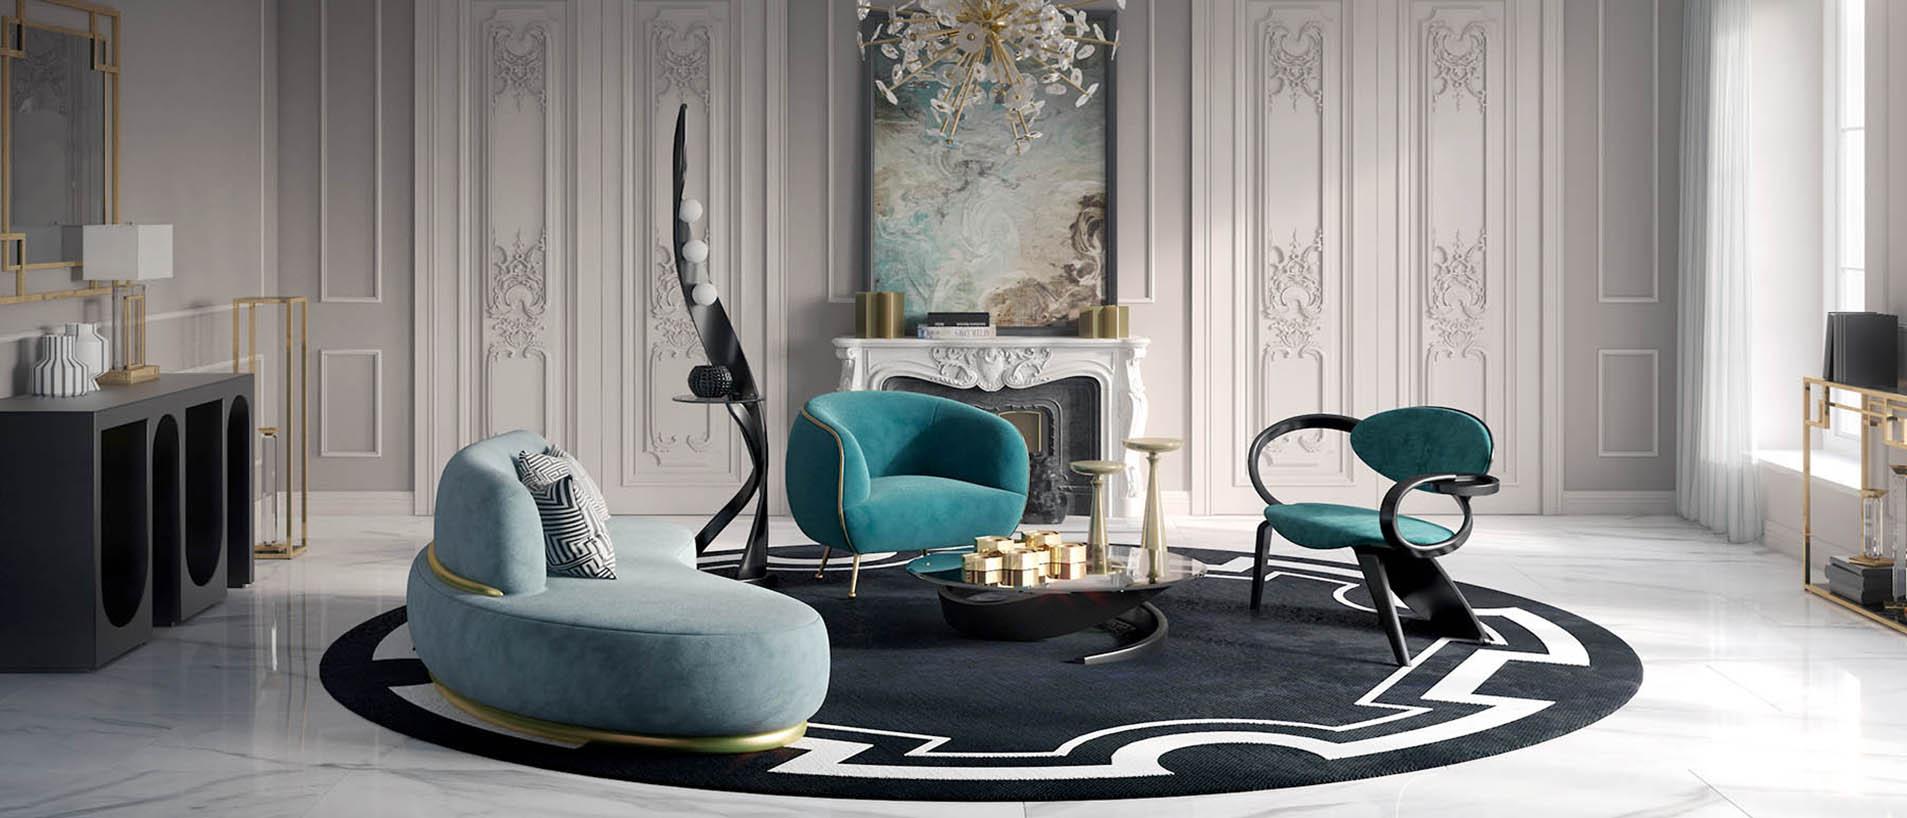 Гостиная с дизайнерской мягкой мебелью